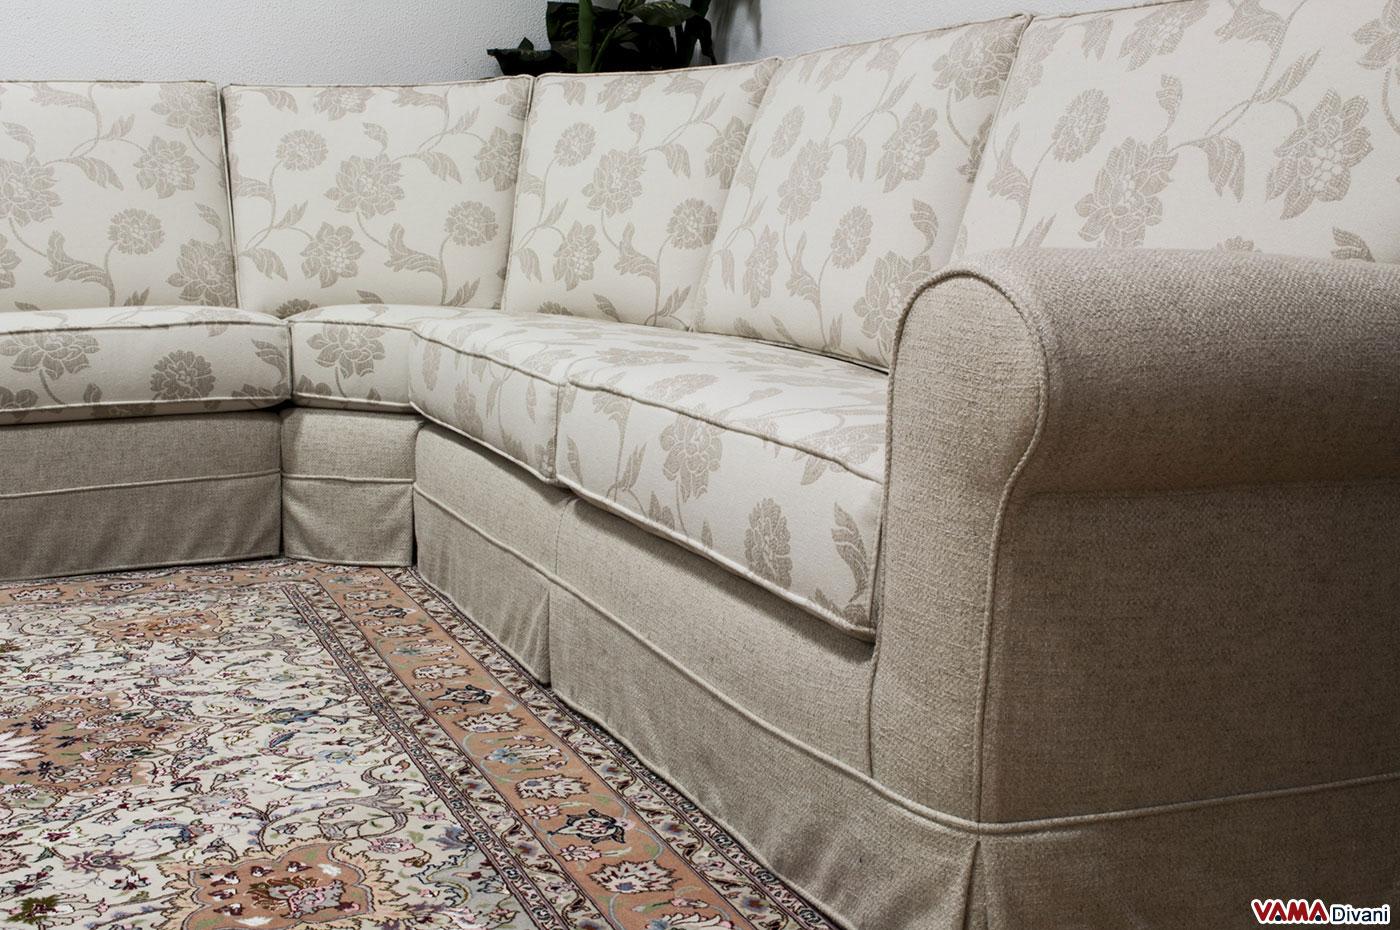 divano classico in tessuto floreale ad angolo - bingo - Soggiorno Angolare Classico